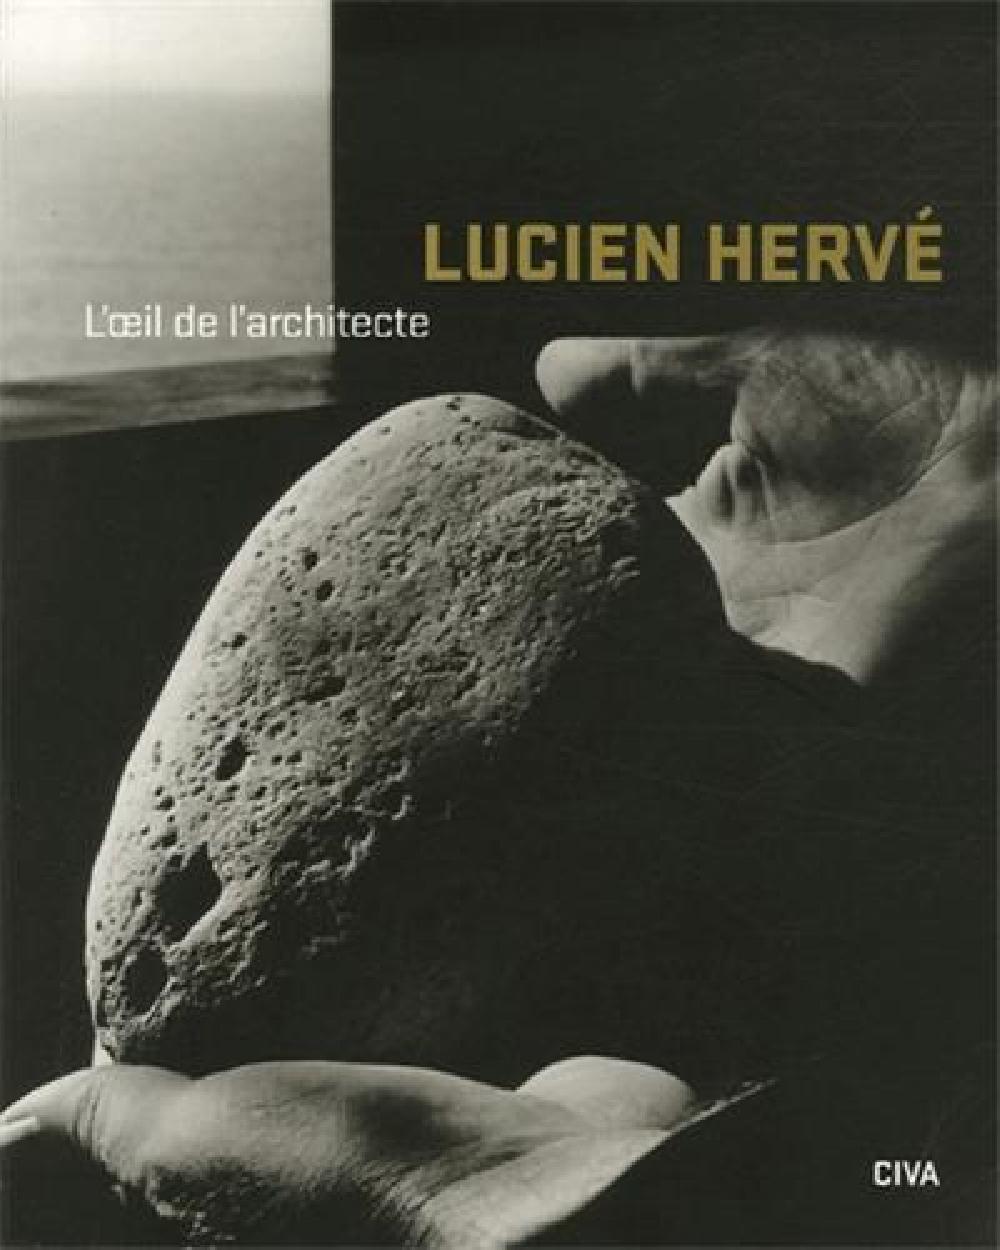 L'oeil de l'architecte. Lucien Hervé